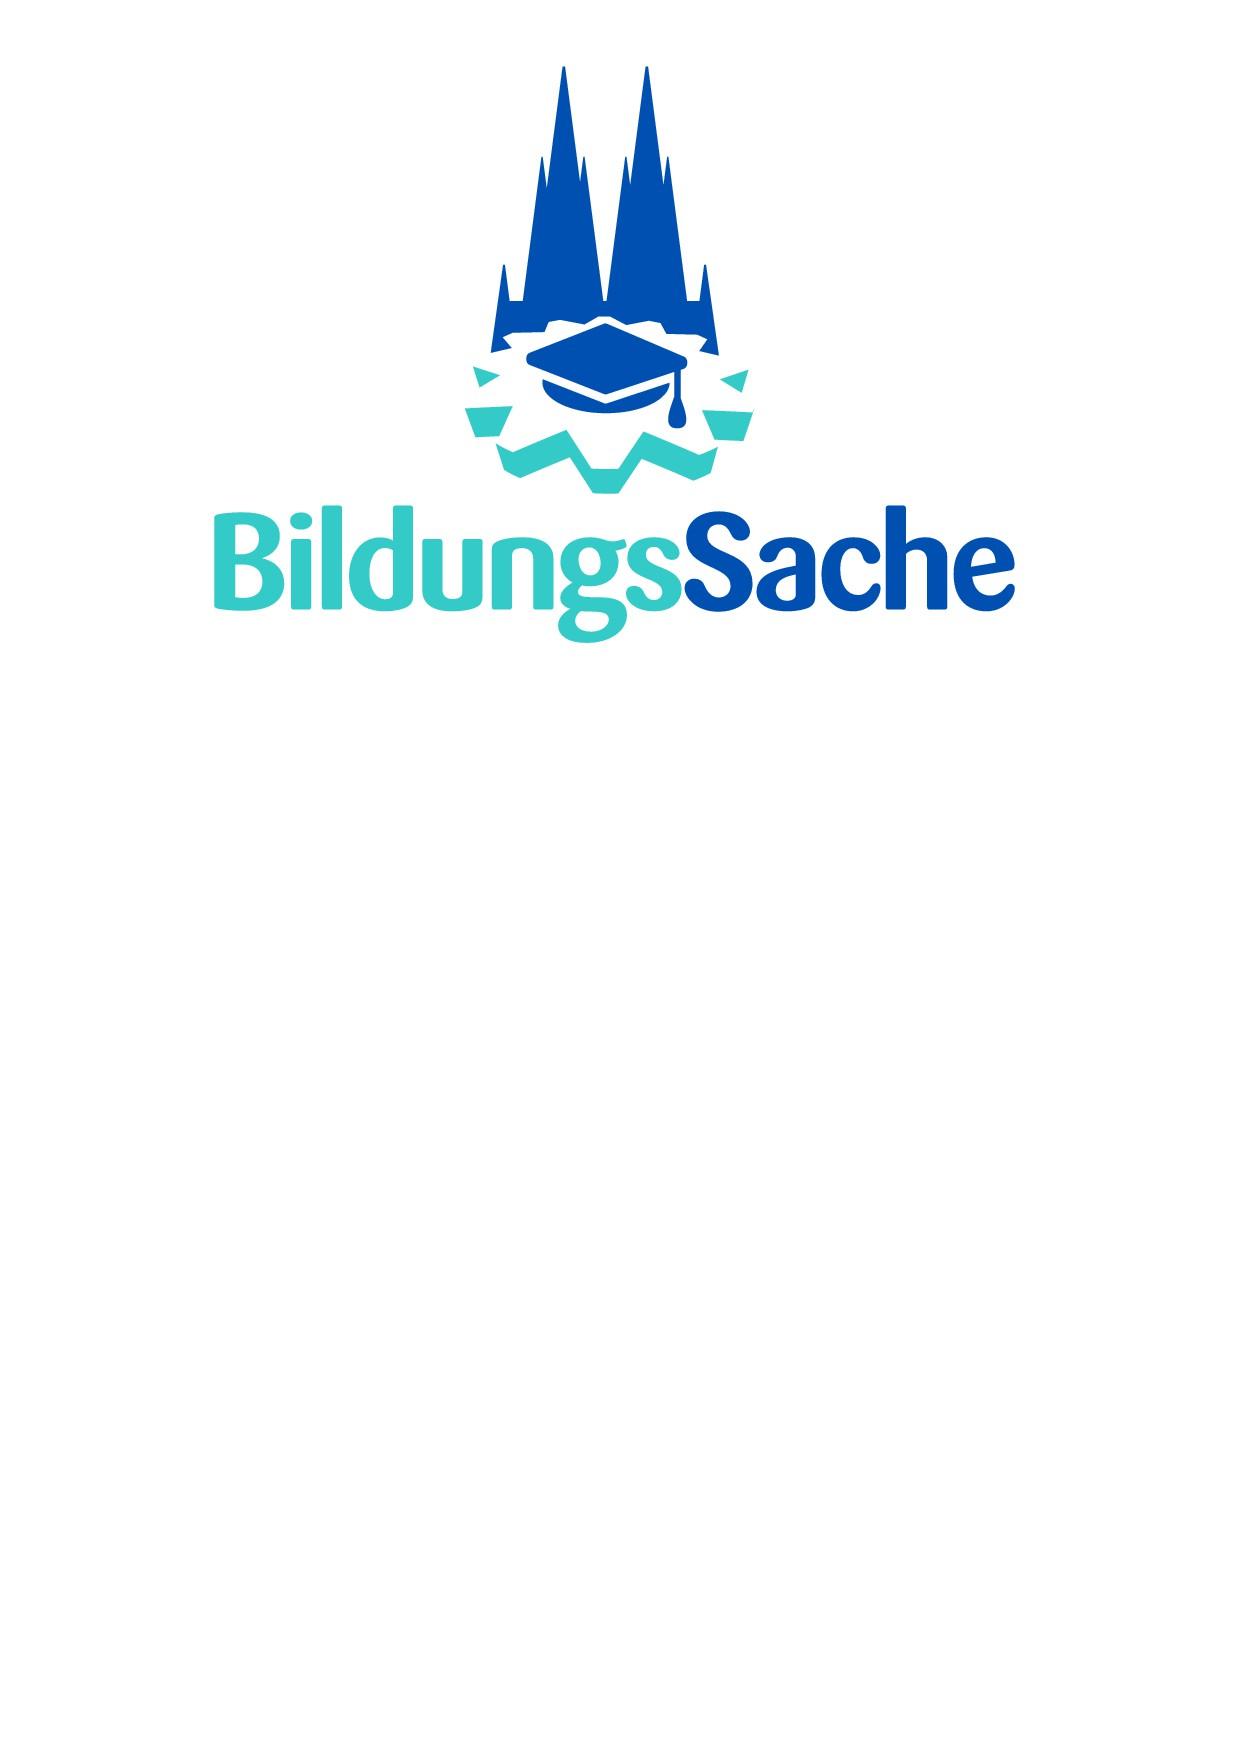 """Helft der Initiative """"BildungsSache"""" mit einem tollen Logo ehrenamtliches Engagement attraktiver zu machen!"""